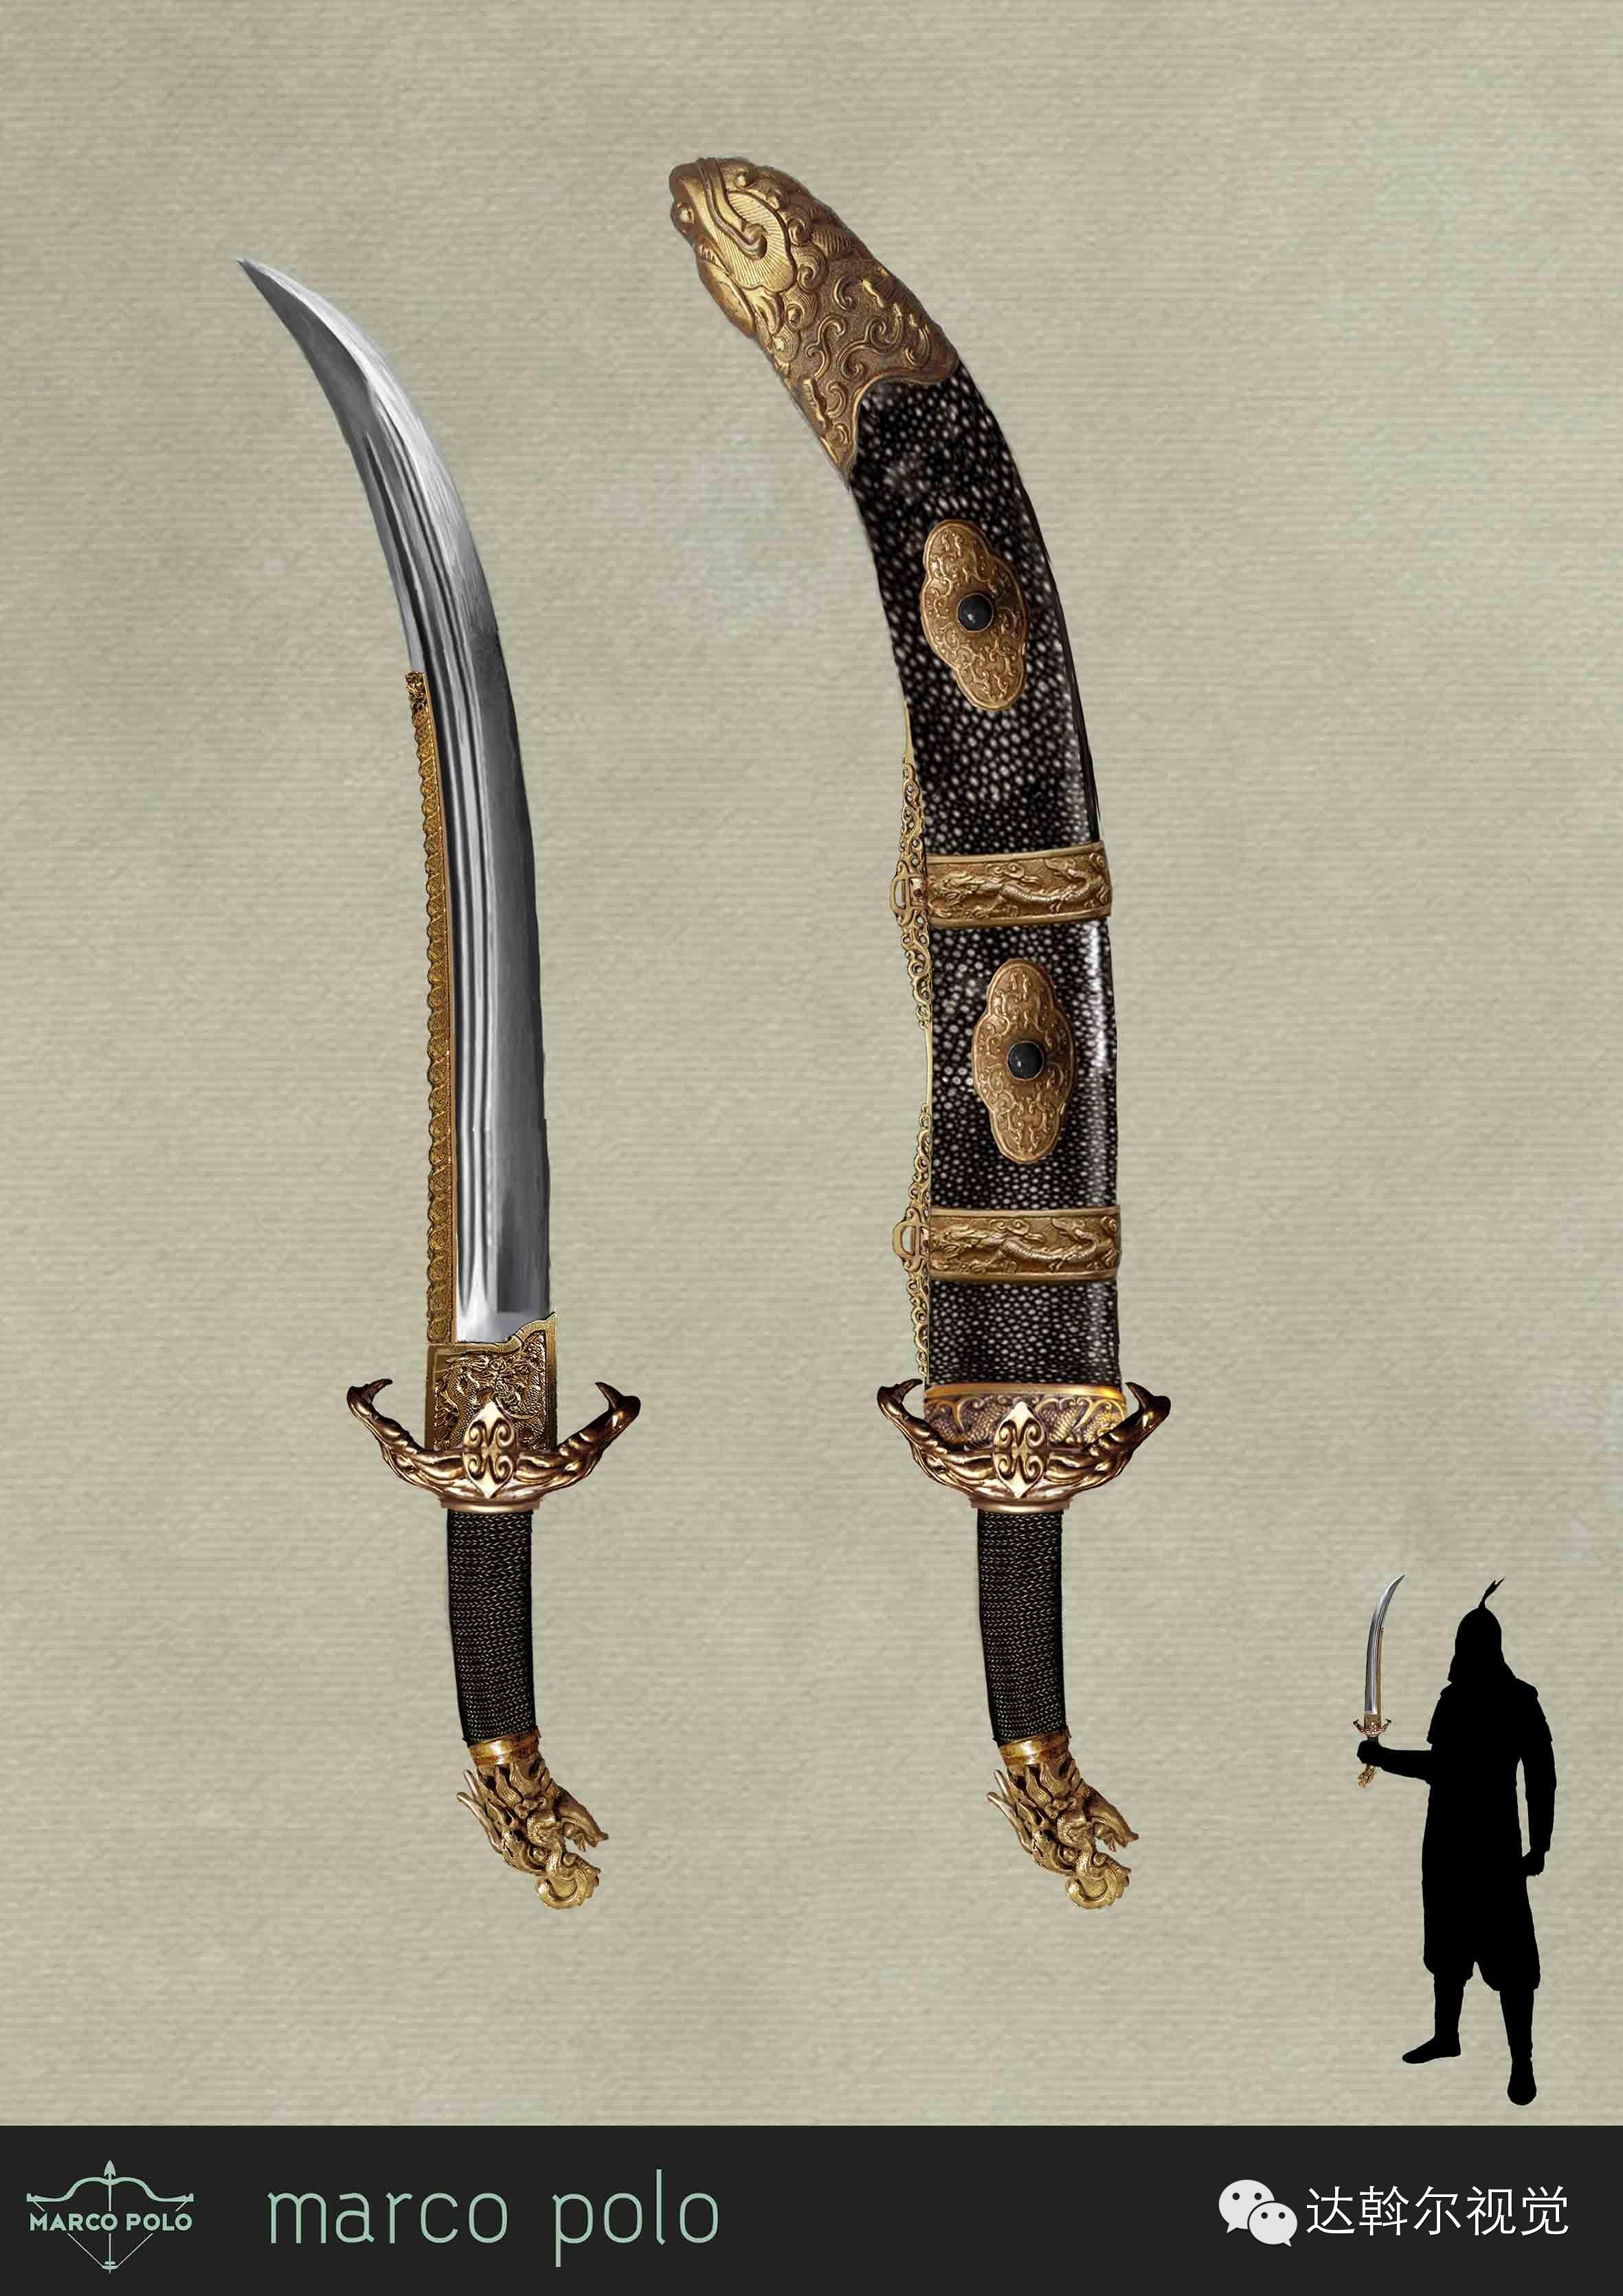 蒙古题材美剧《马可波罗》兵器设计欣赏 第3张